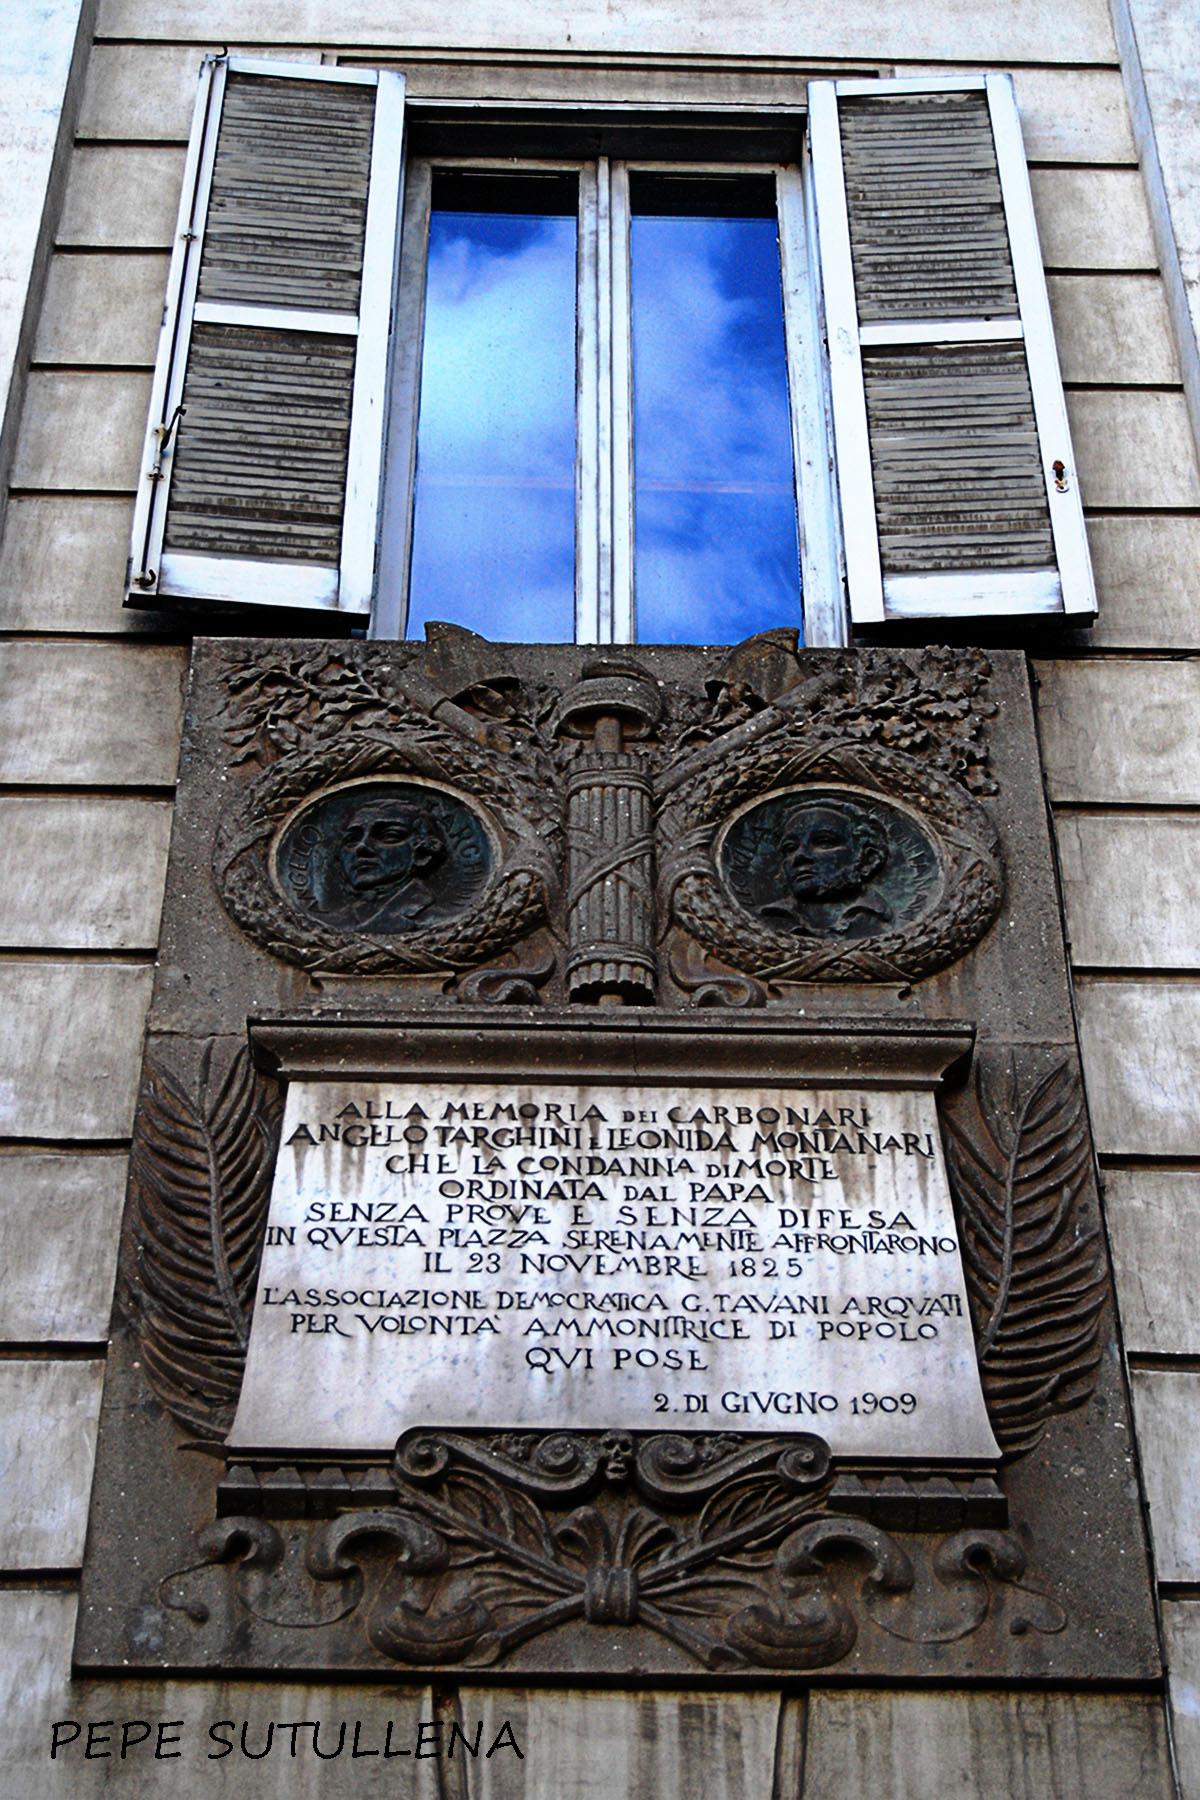 Placa conmemorativa de los carbonaros ajusticiados en Piazza del Popolo